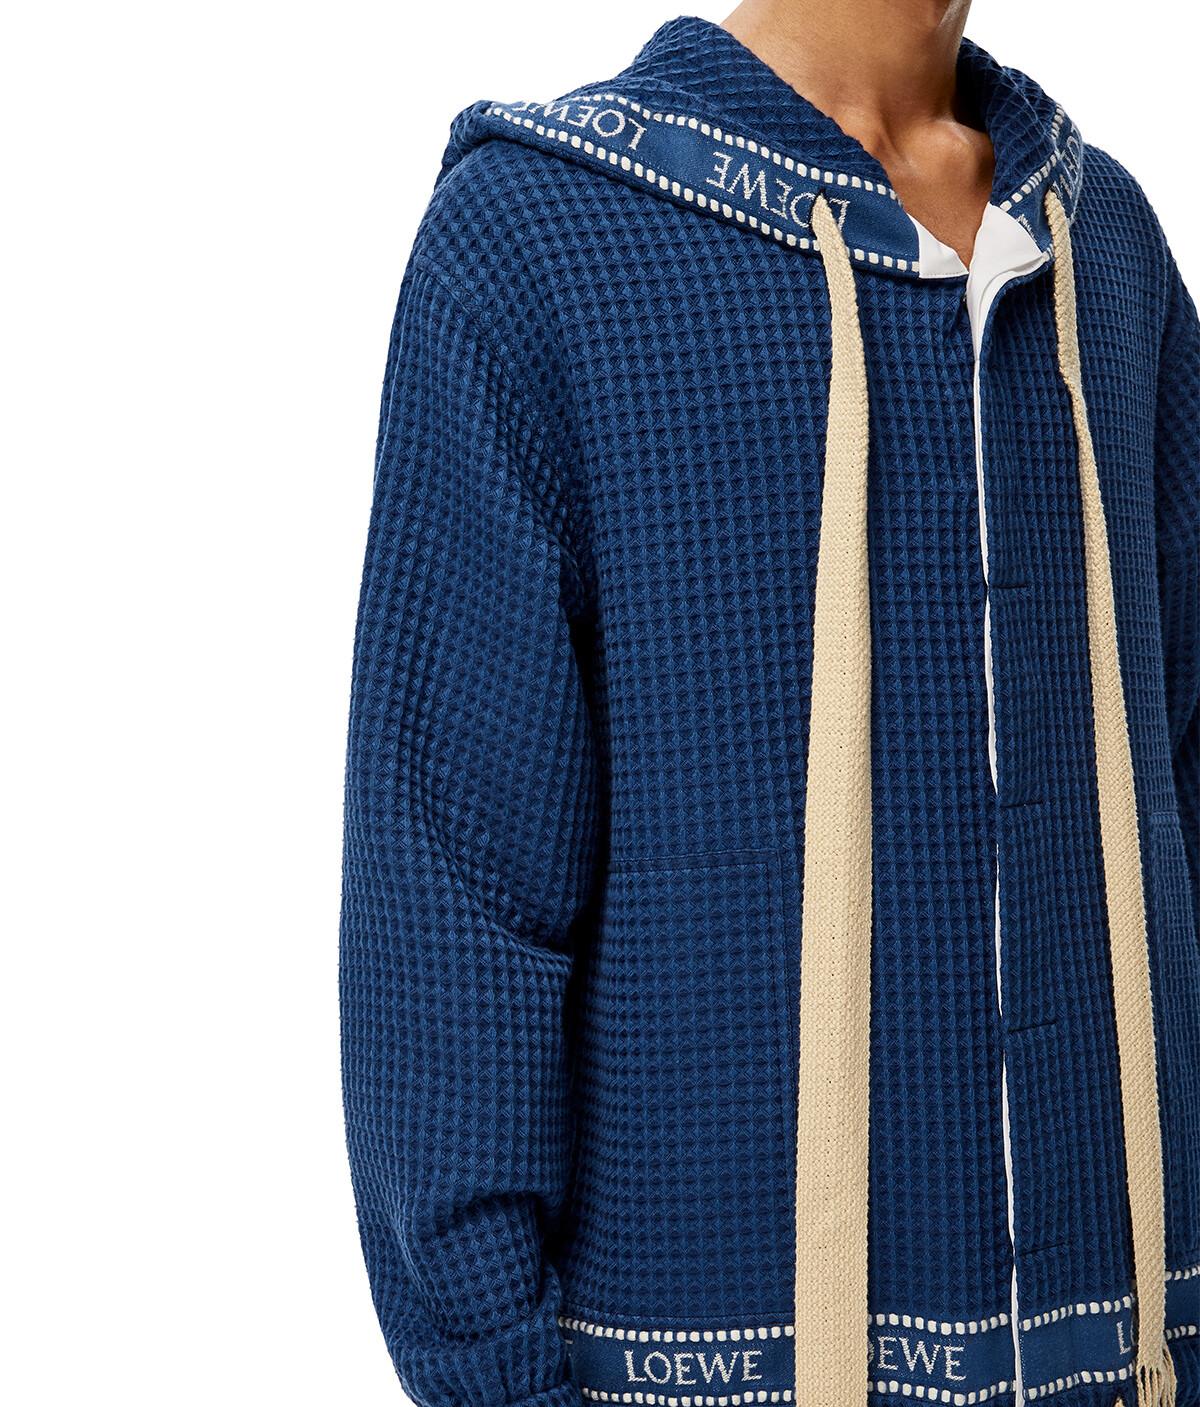 LOEWE Loewe Trim Hood Jacket 海军蓝 front